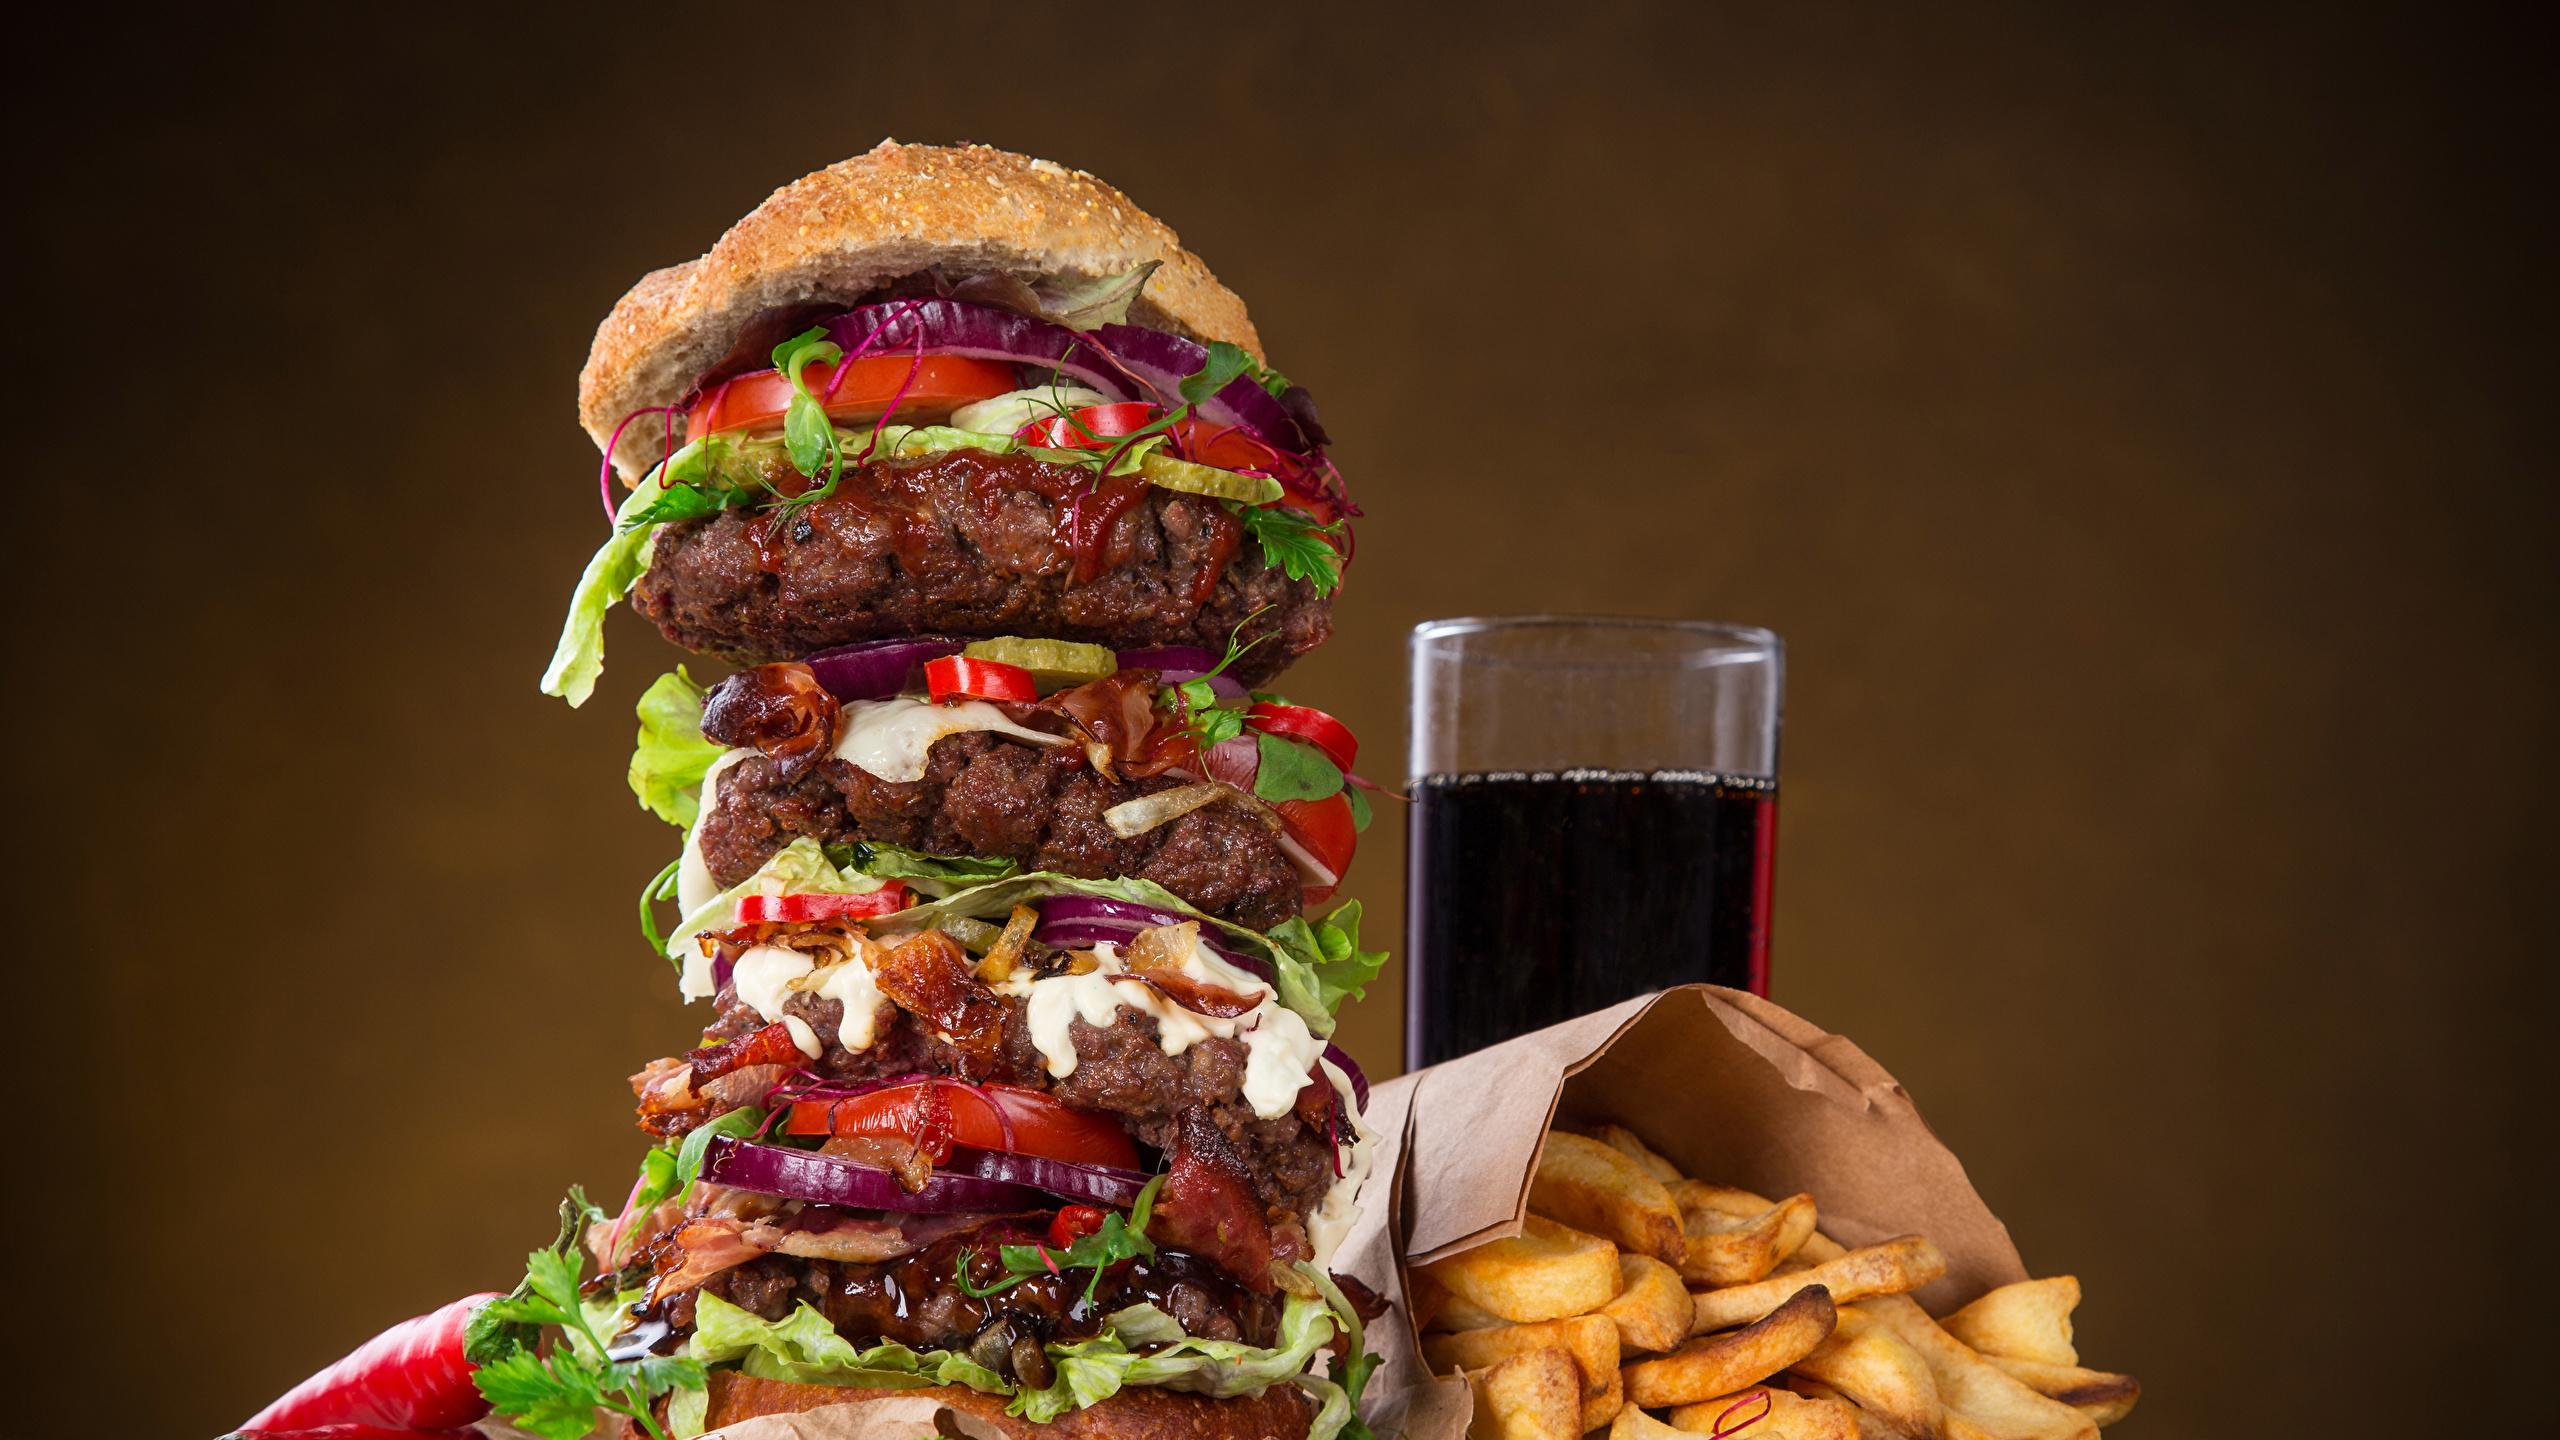 Обои для рабочего стола Гамбургер Картофель фри стакана Быстрое питание Пища Напитки 2560x1440 Стакан стакане Фастфуд Еда Продукты питания напиток